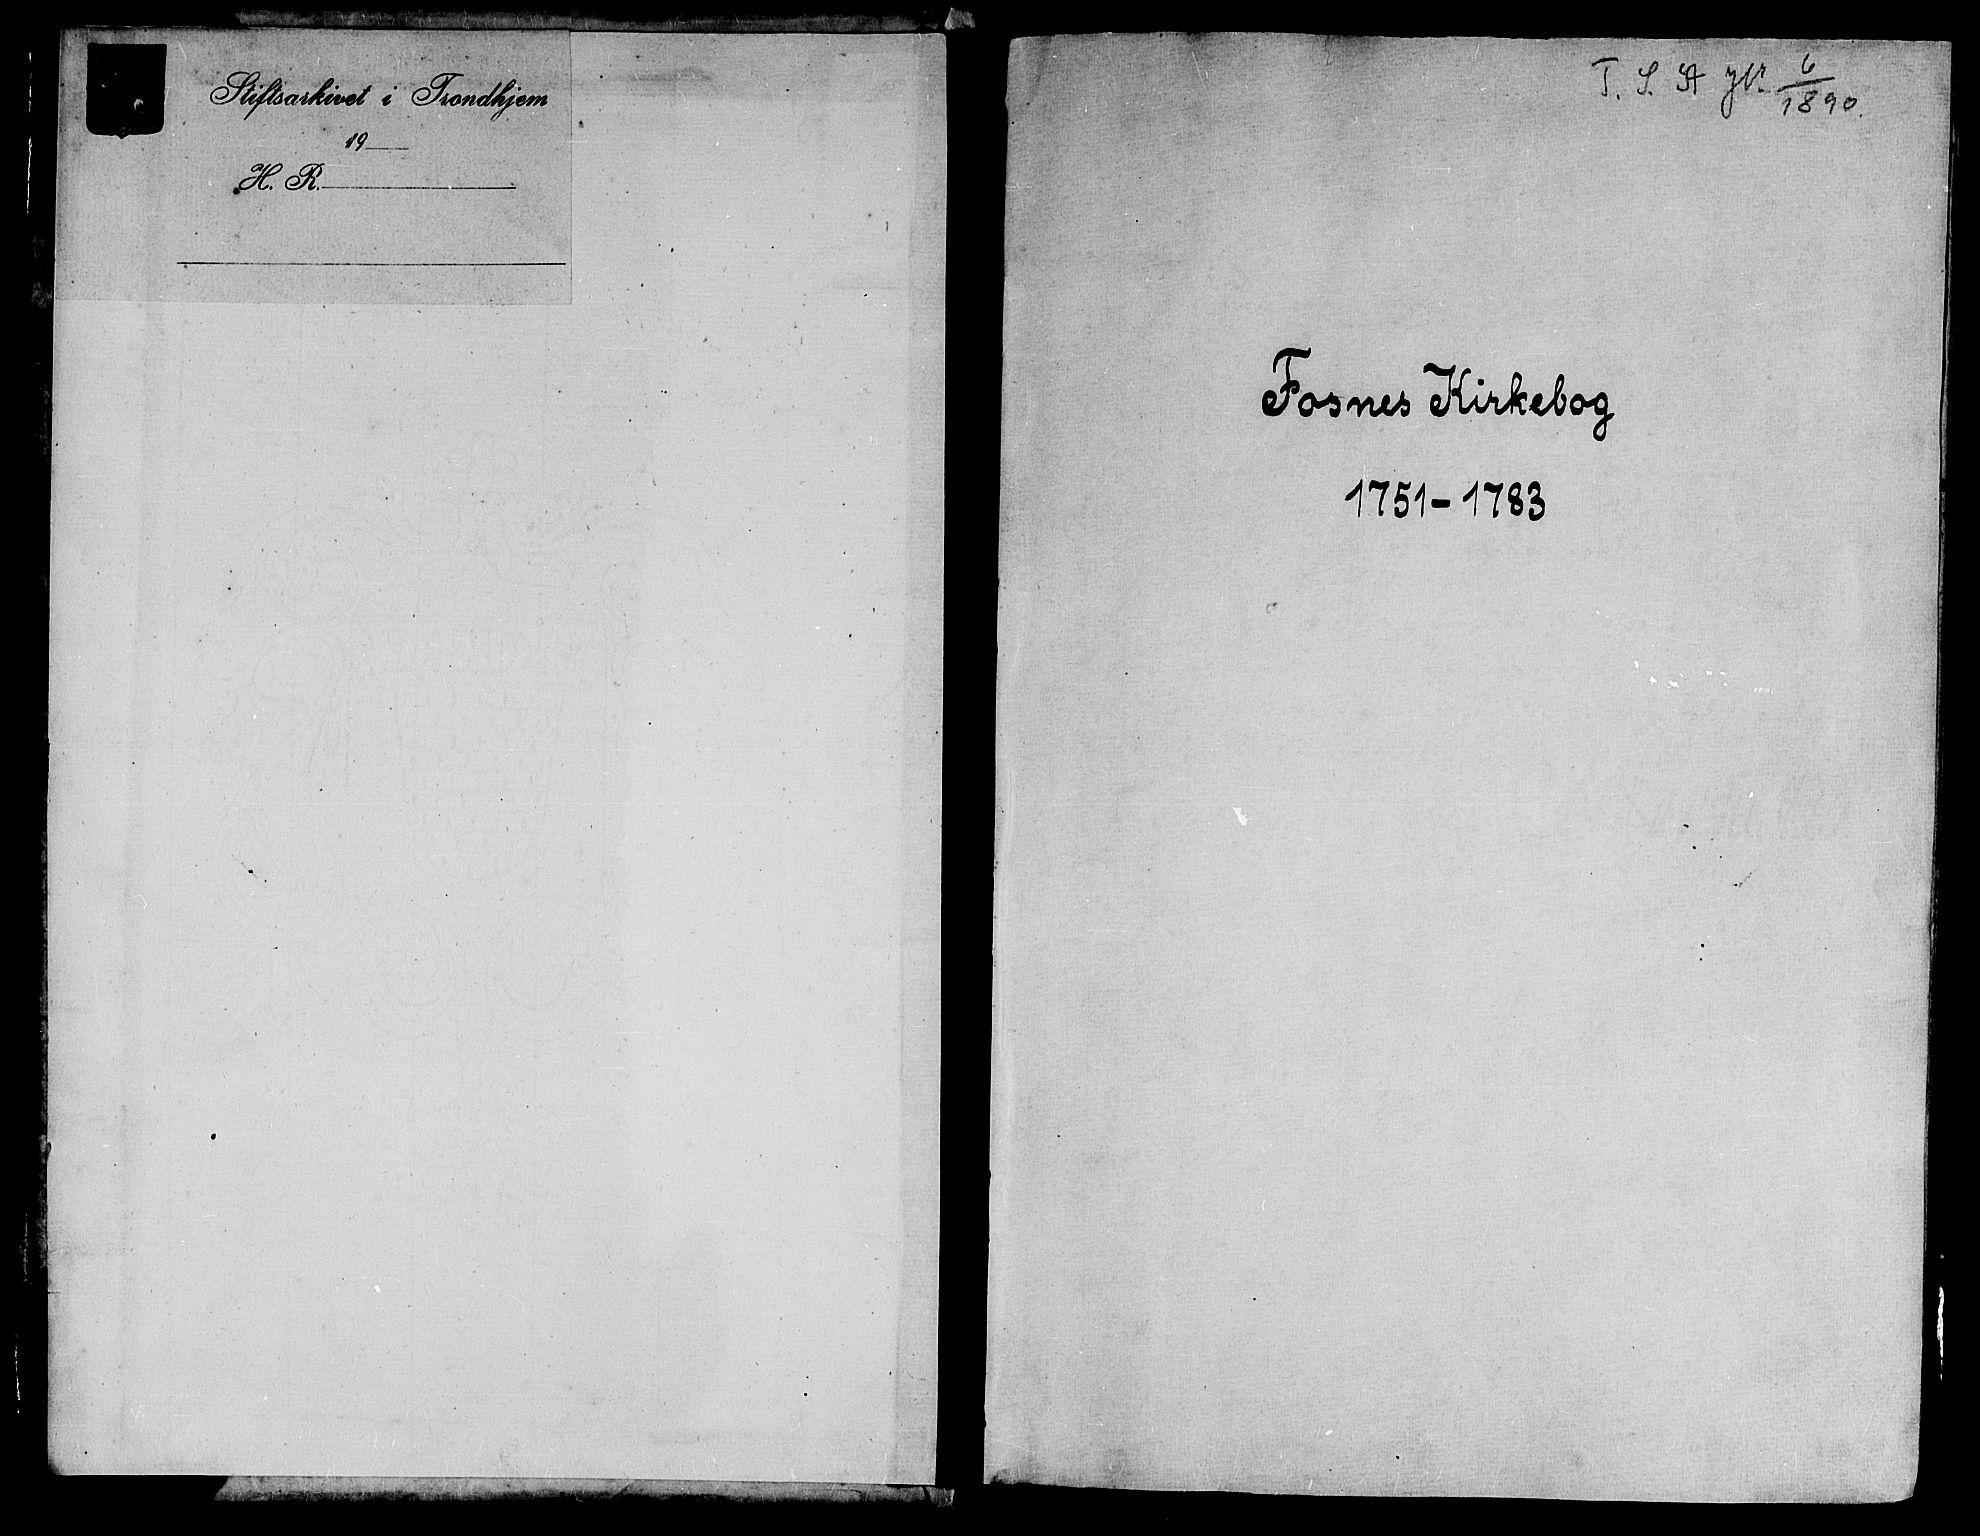 SAT, Ministerialprotokoller, klokkerbøker og fødselsregistre - Nord-Trøndelag, 773/L0607: Ministerialbok nr. 773A01, 1751-1783